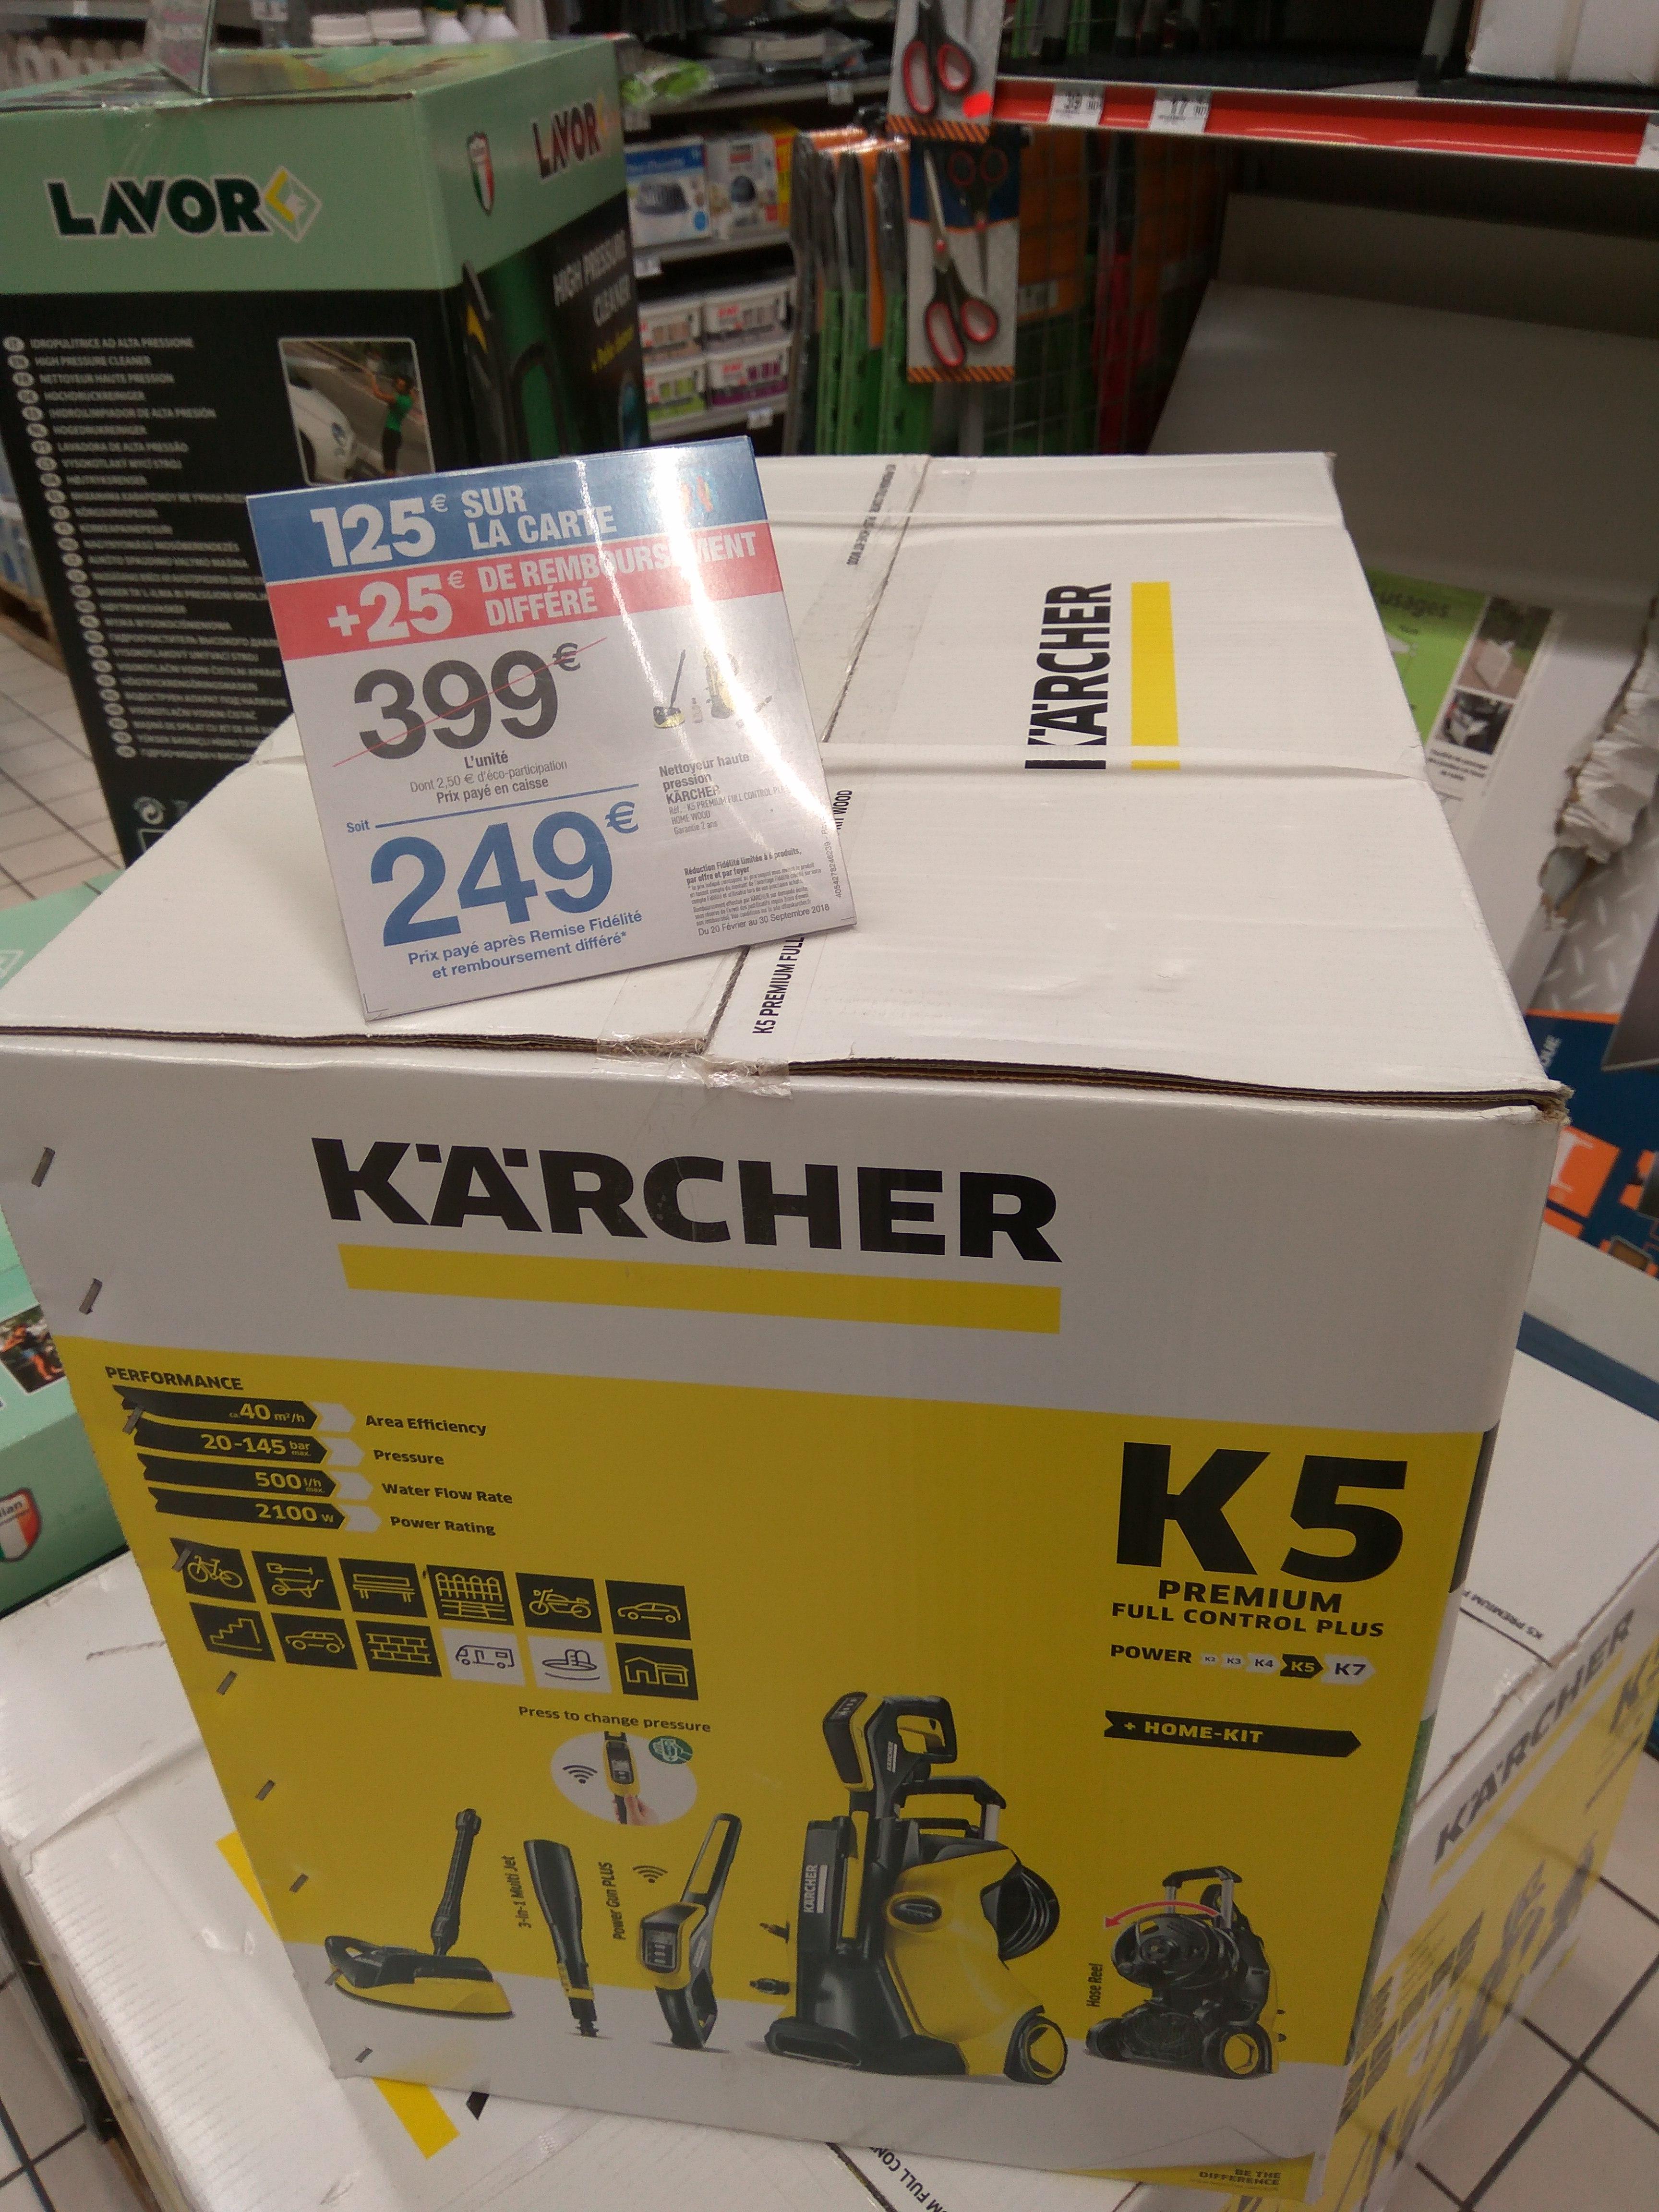 Nettoyeur haute pression Karcher K5 Premium Full Control Home - 3000W, 160 bar (via 125€ sur la carte et ODR de 25€) - (Bonneveine 13 / Givor 69)